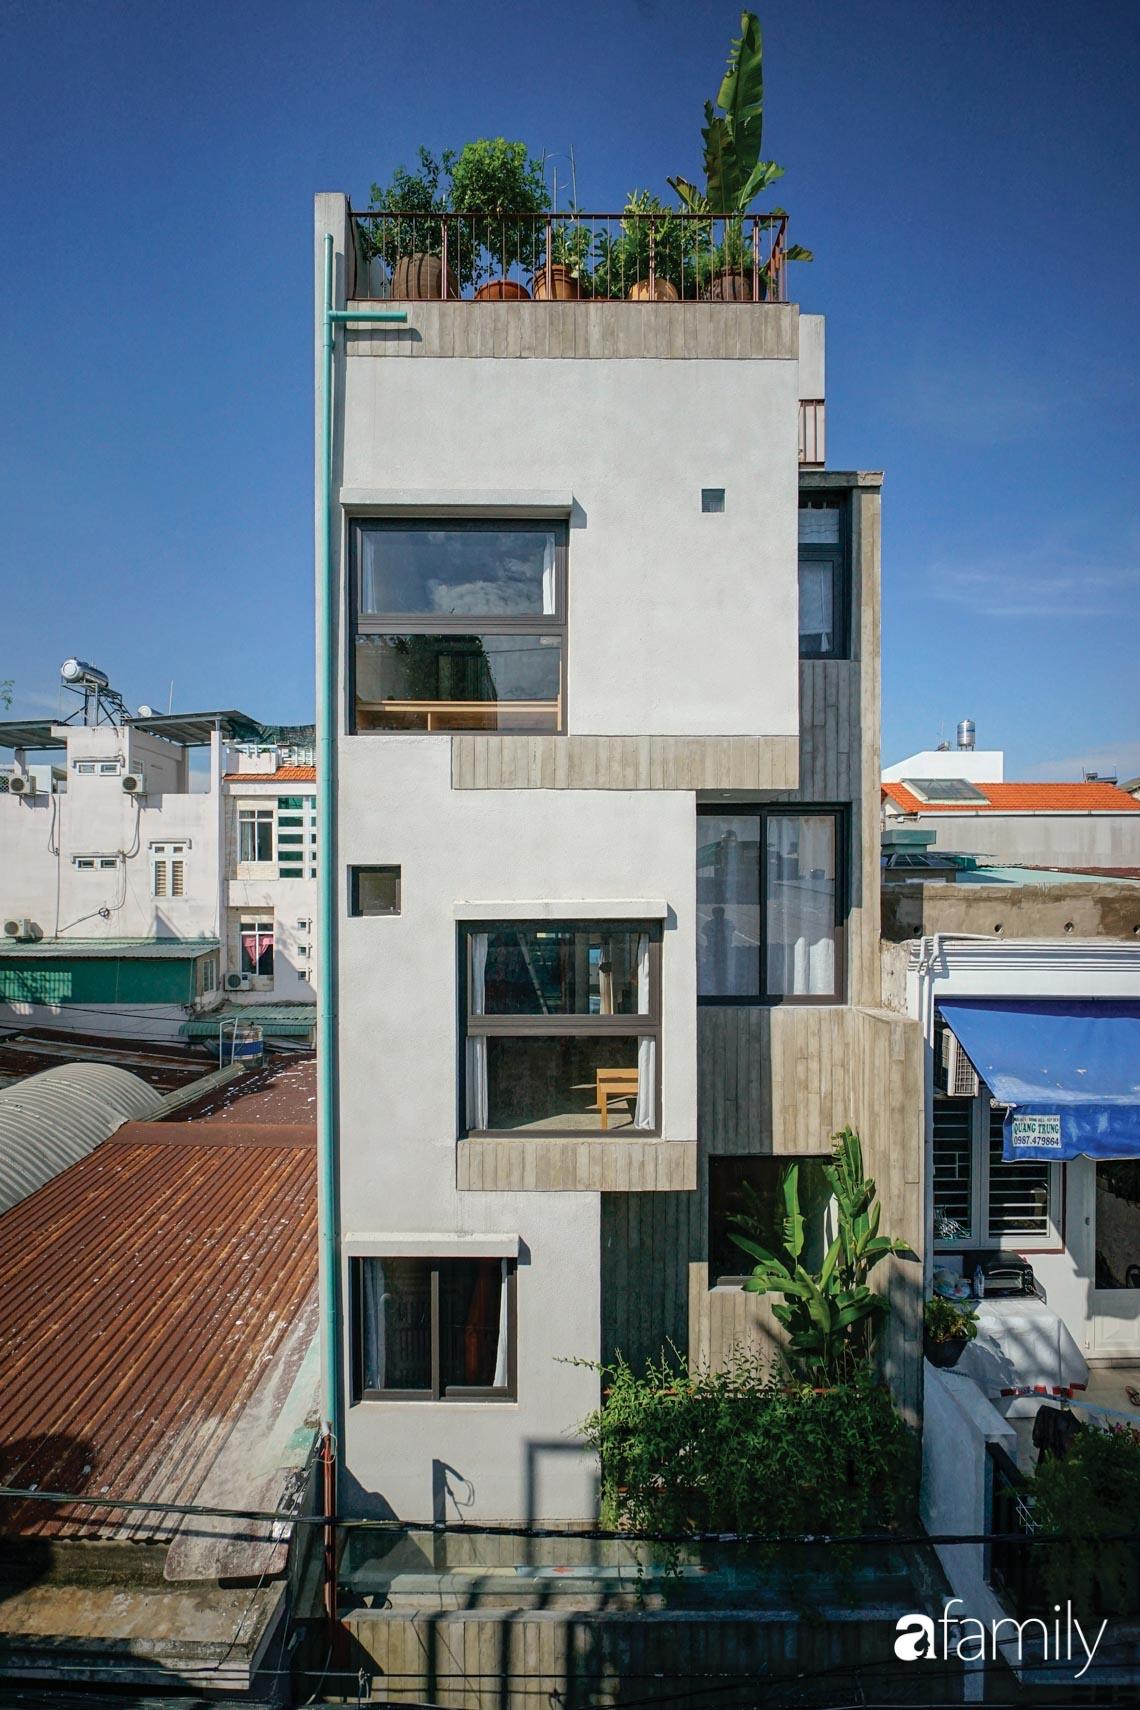 Ngôi nhà phố thiết kế khác biệt để mang đến những điều đặc biệt cho cuộc sống của gia đình trẻ ở TP HCM - Ảnh 2.